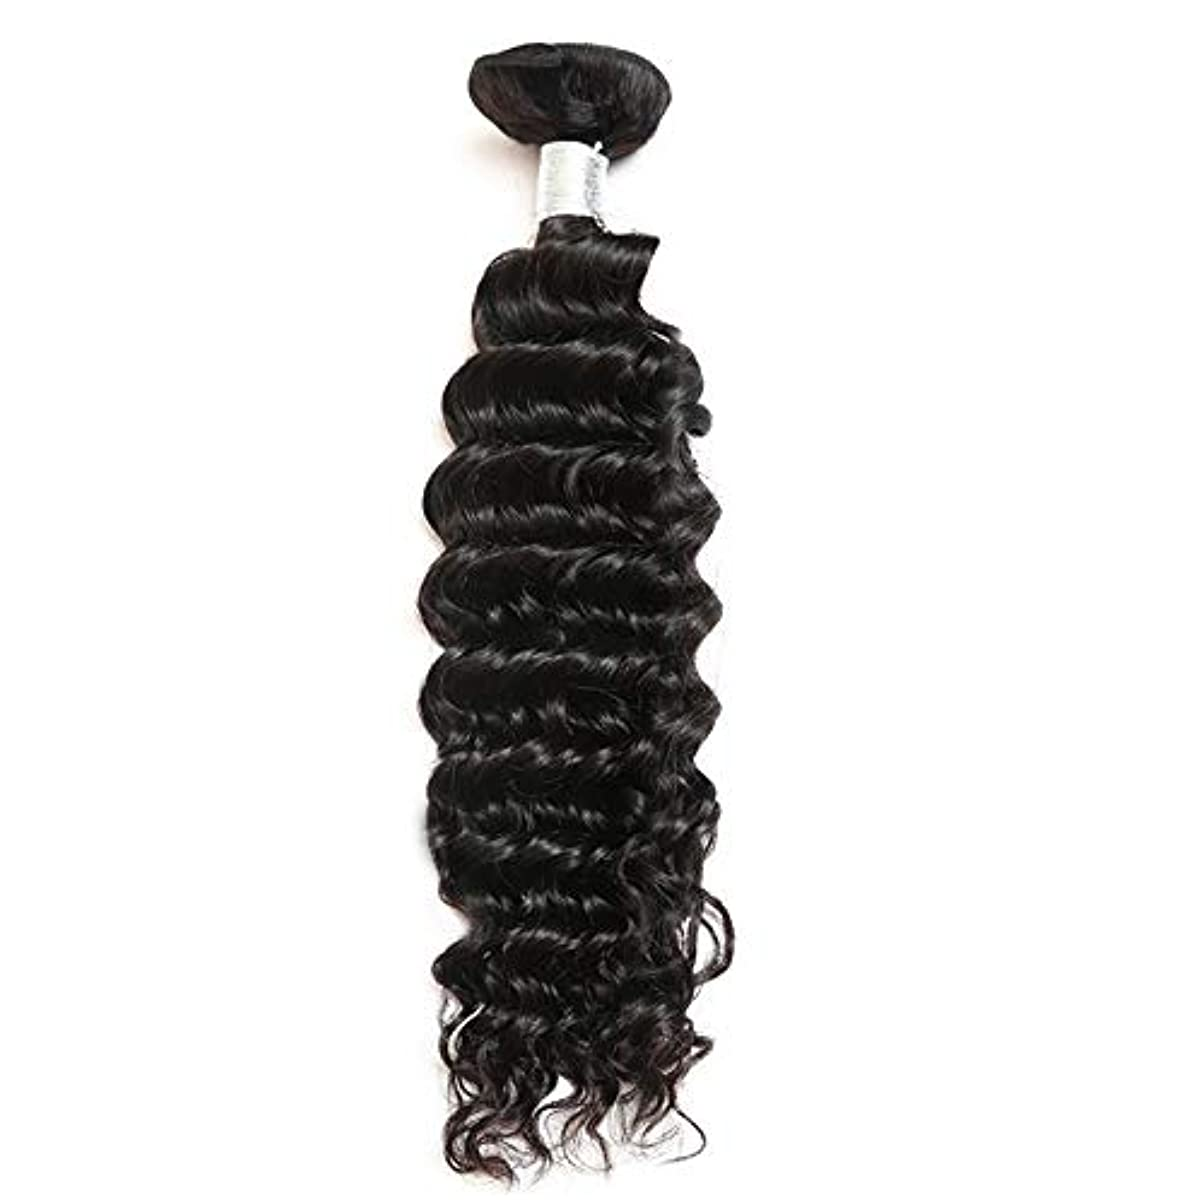 暖かくシャンプー推測HOHYLLYA ブラジルのディープウェーブ人間100%髪の束100g /バンドルナチュラルブラックカラーロールプレイングかつら女性のかつら (色 : 黒, サイズ : 28 inch)